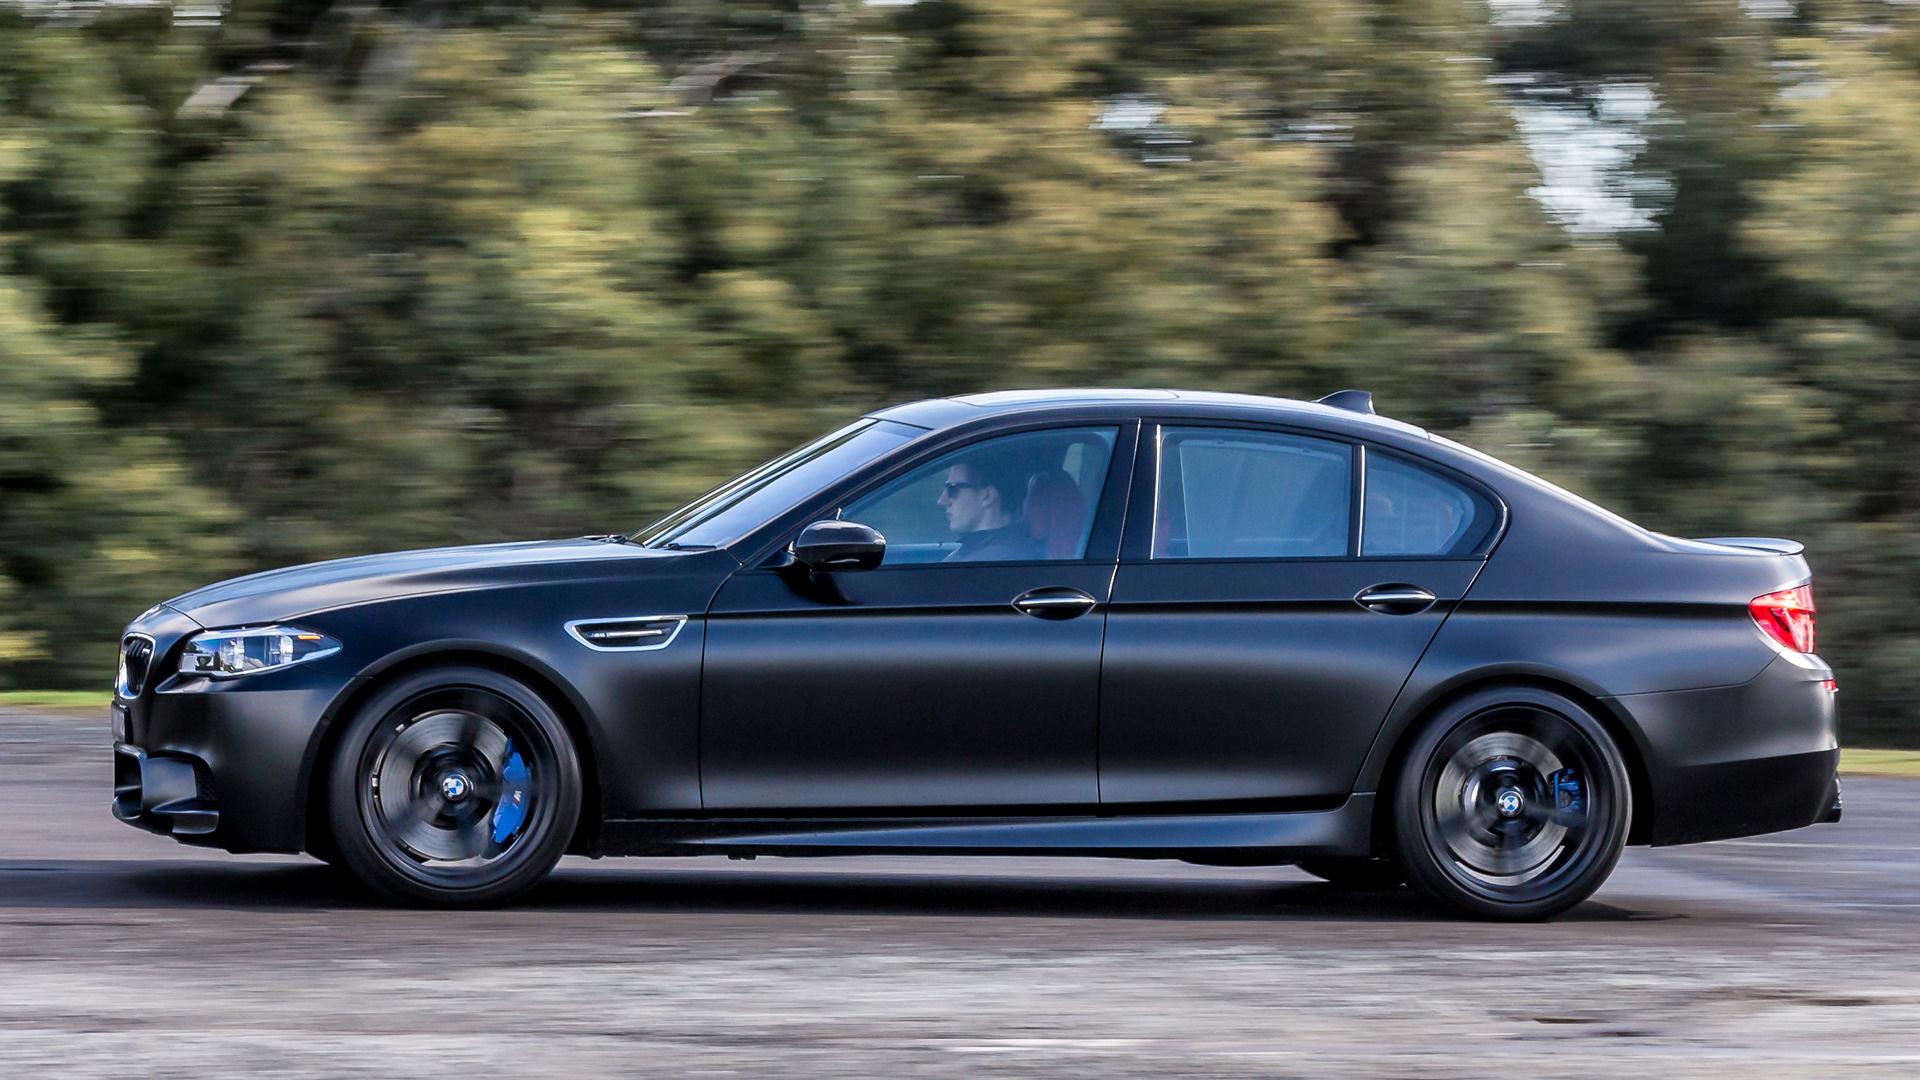 BMW M5 Nighthawk 32717 1920x1080